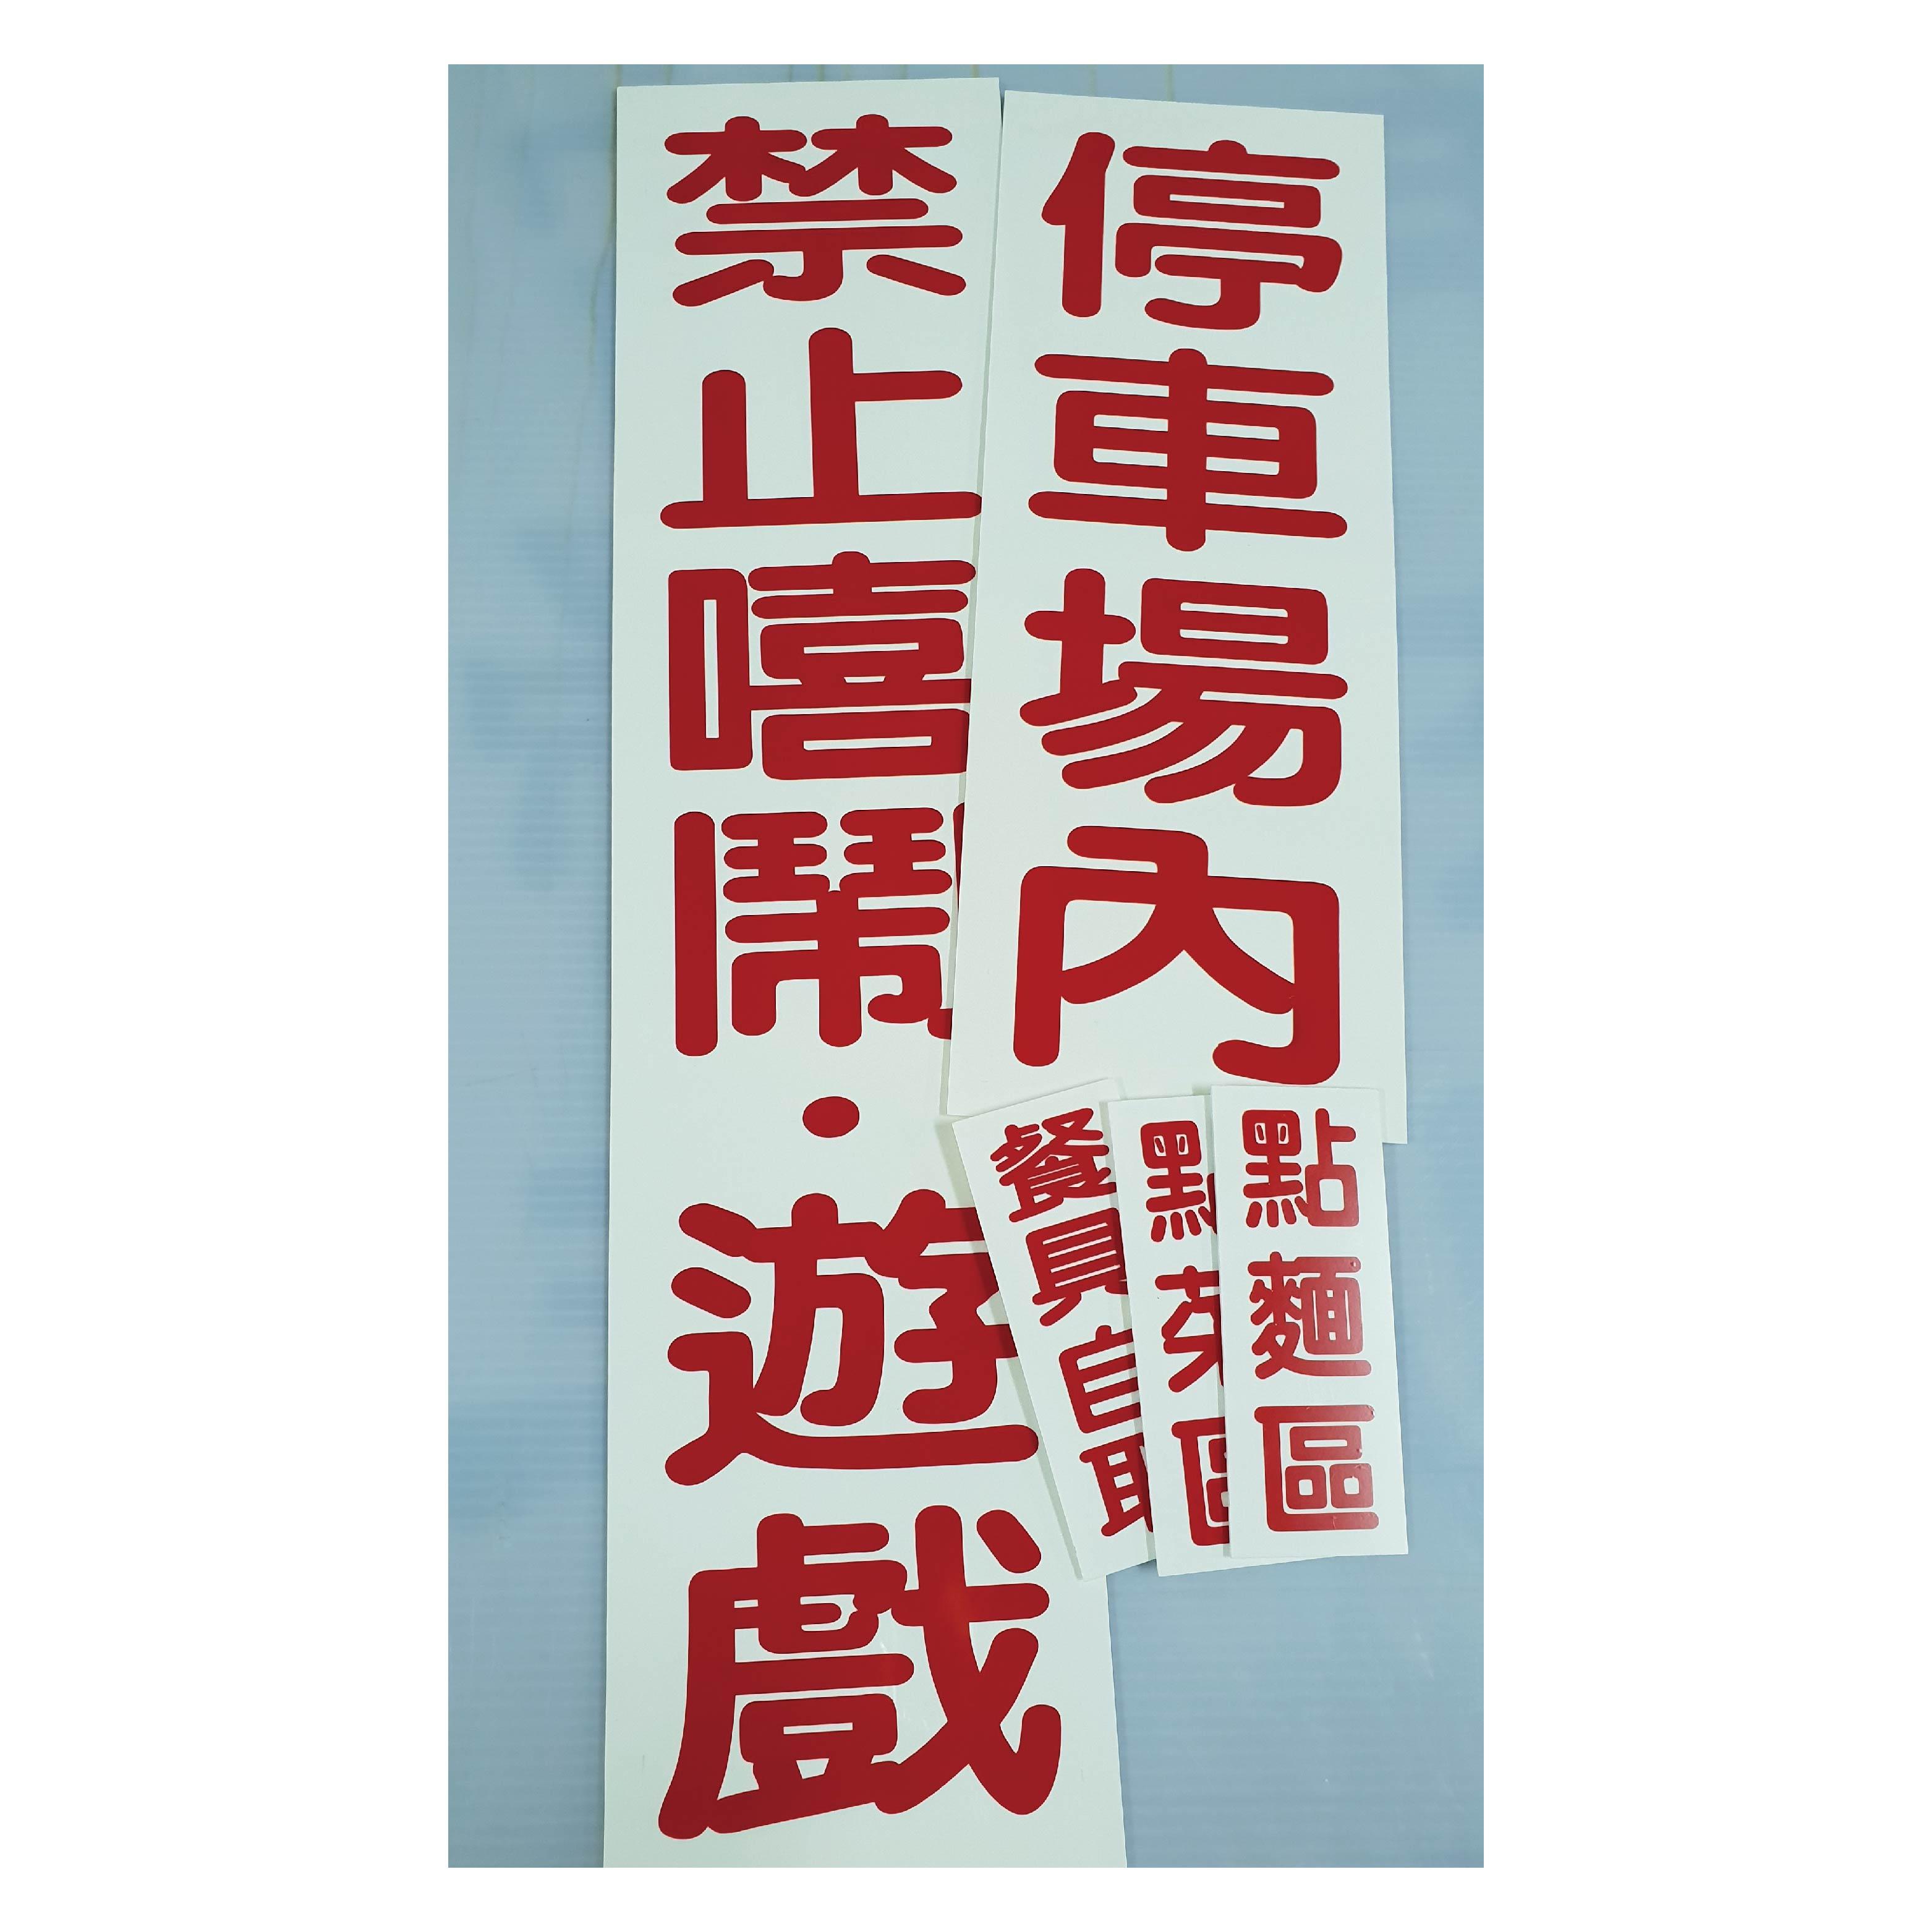 警示標語標示牌